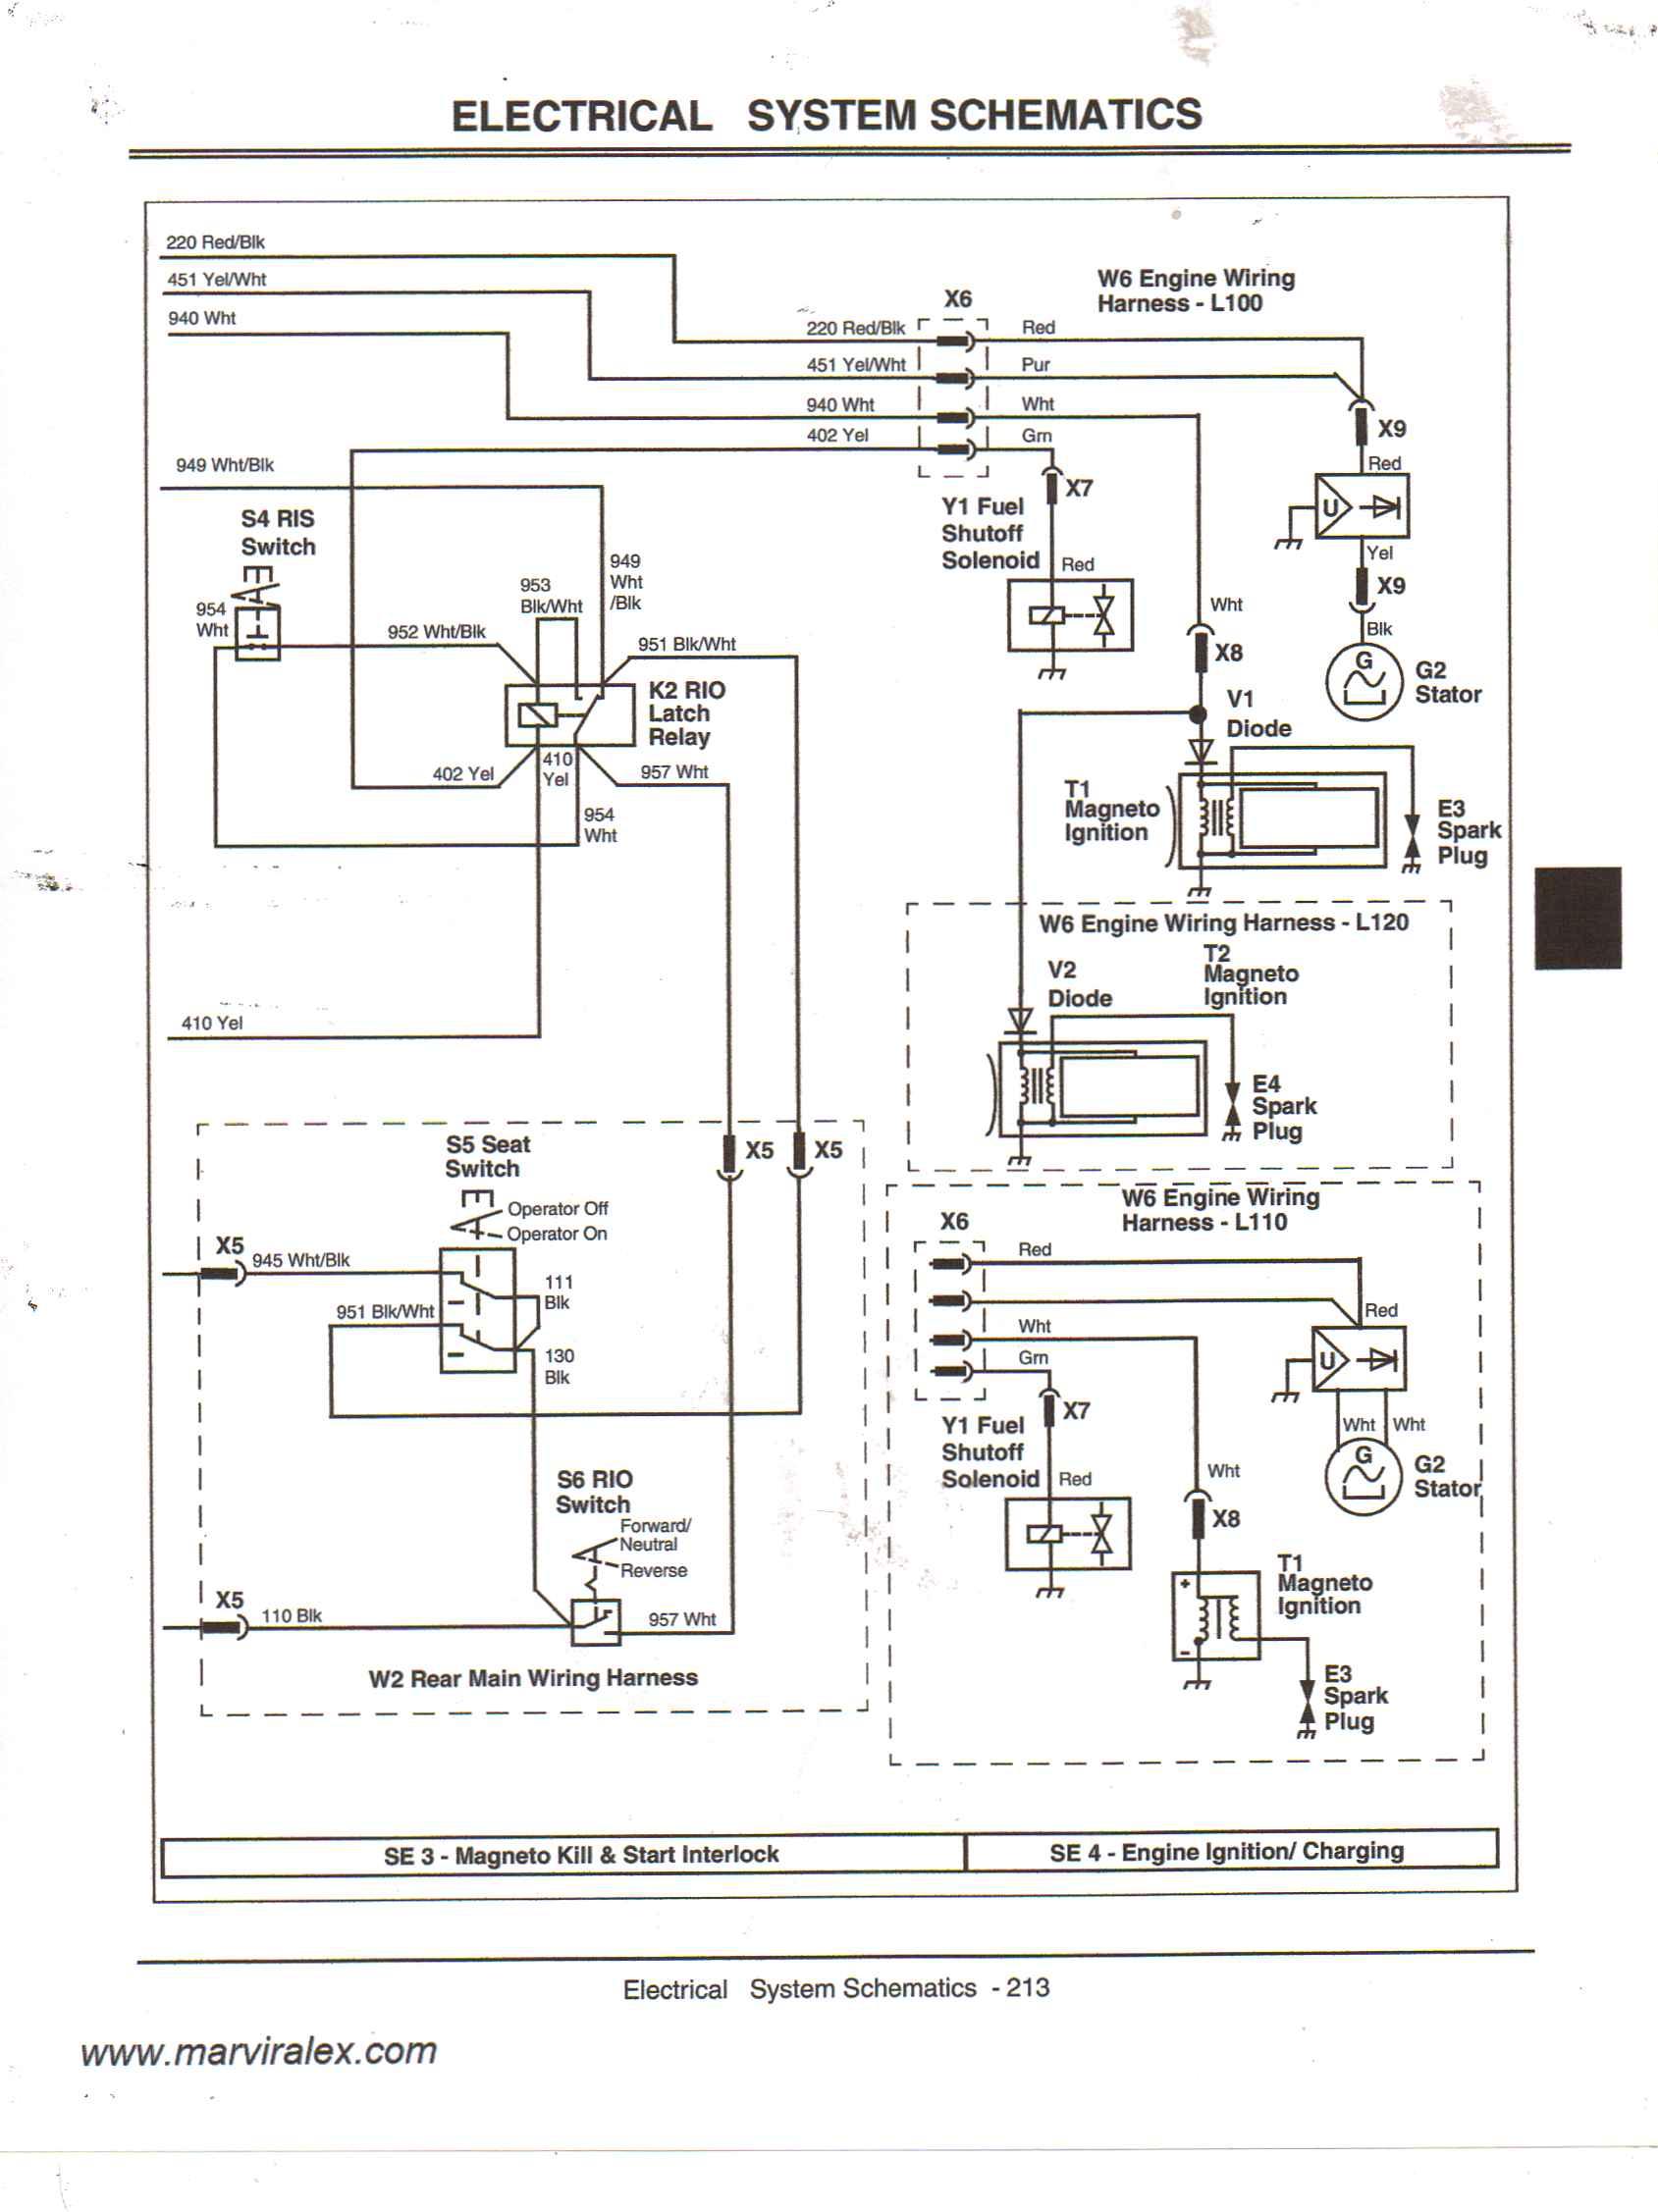 ab0c0f73-9595-49cd-a5a1-dad6fec39596_Deere L100 L110 L120 Wiring schematic II.jpg